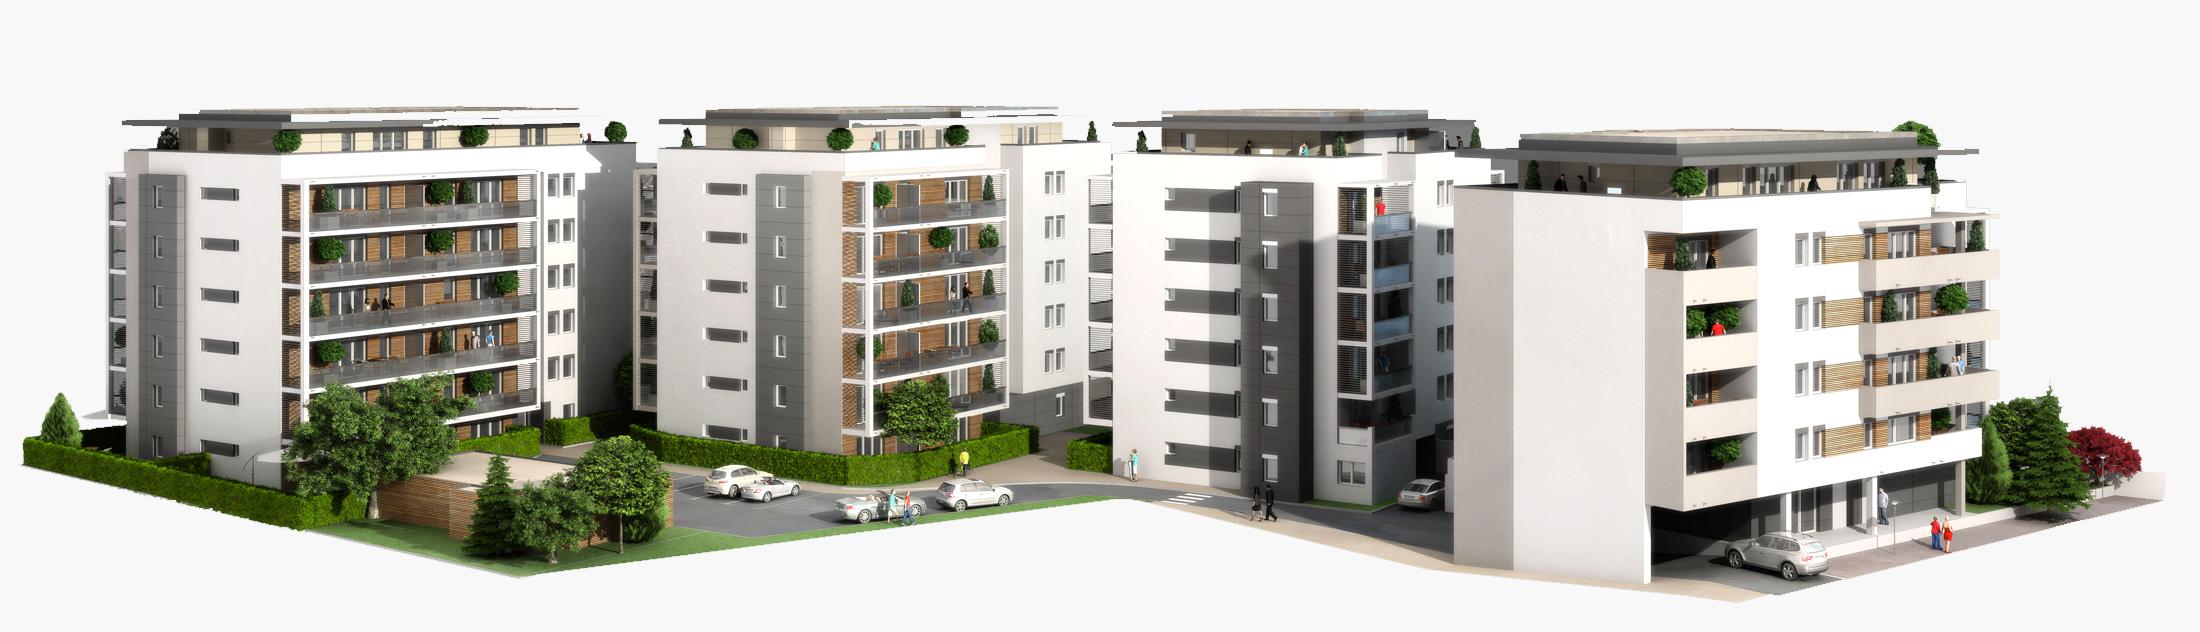 Plans pour logements collectifs Thonon-Les-Bains - Savoie Plan